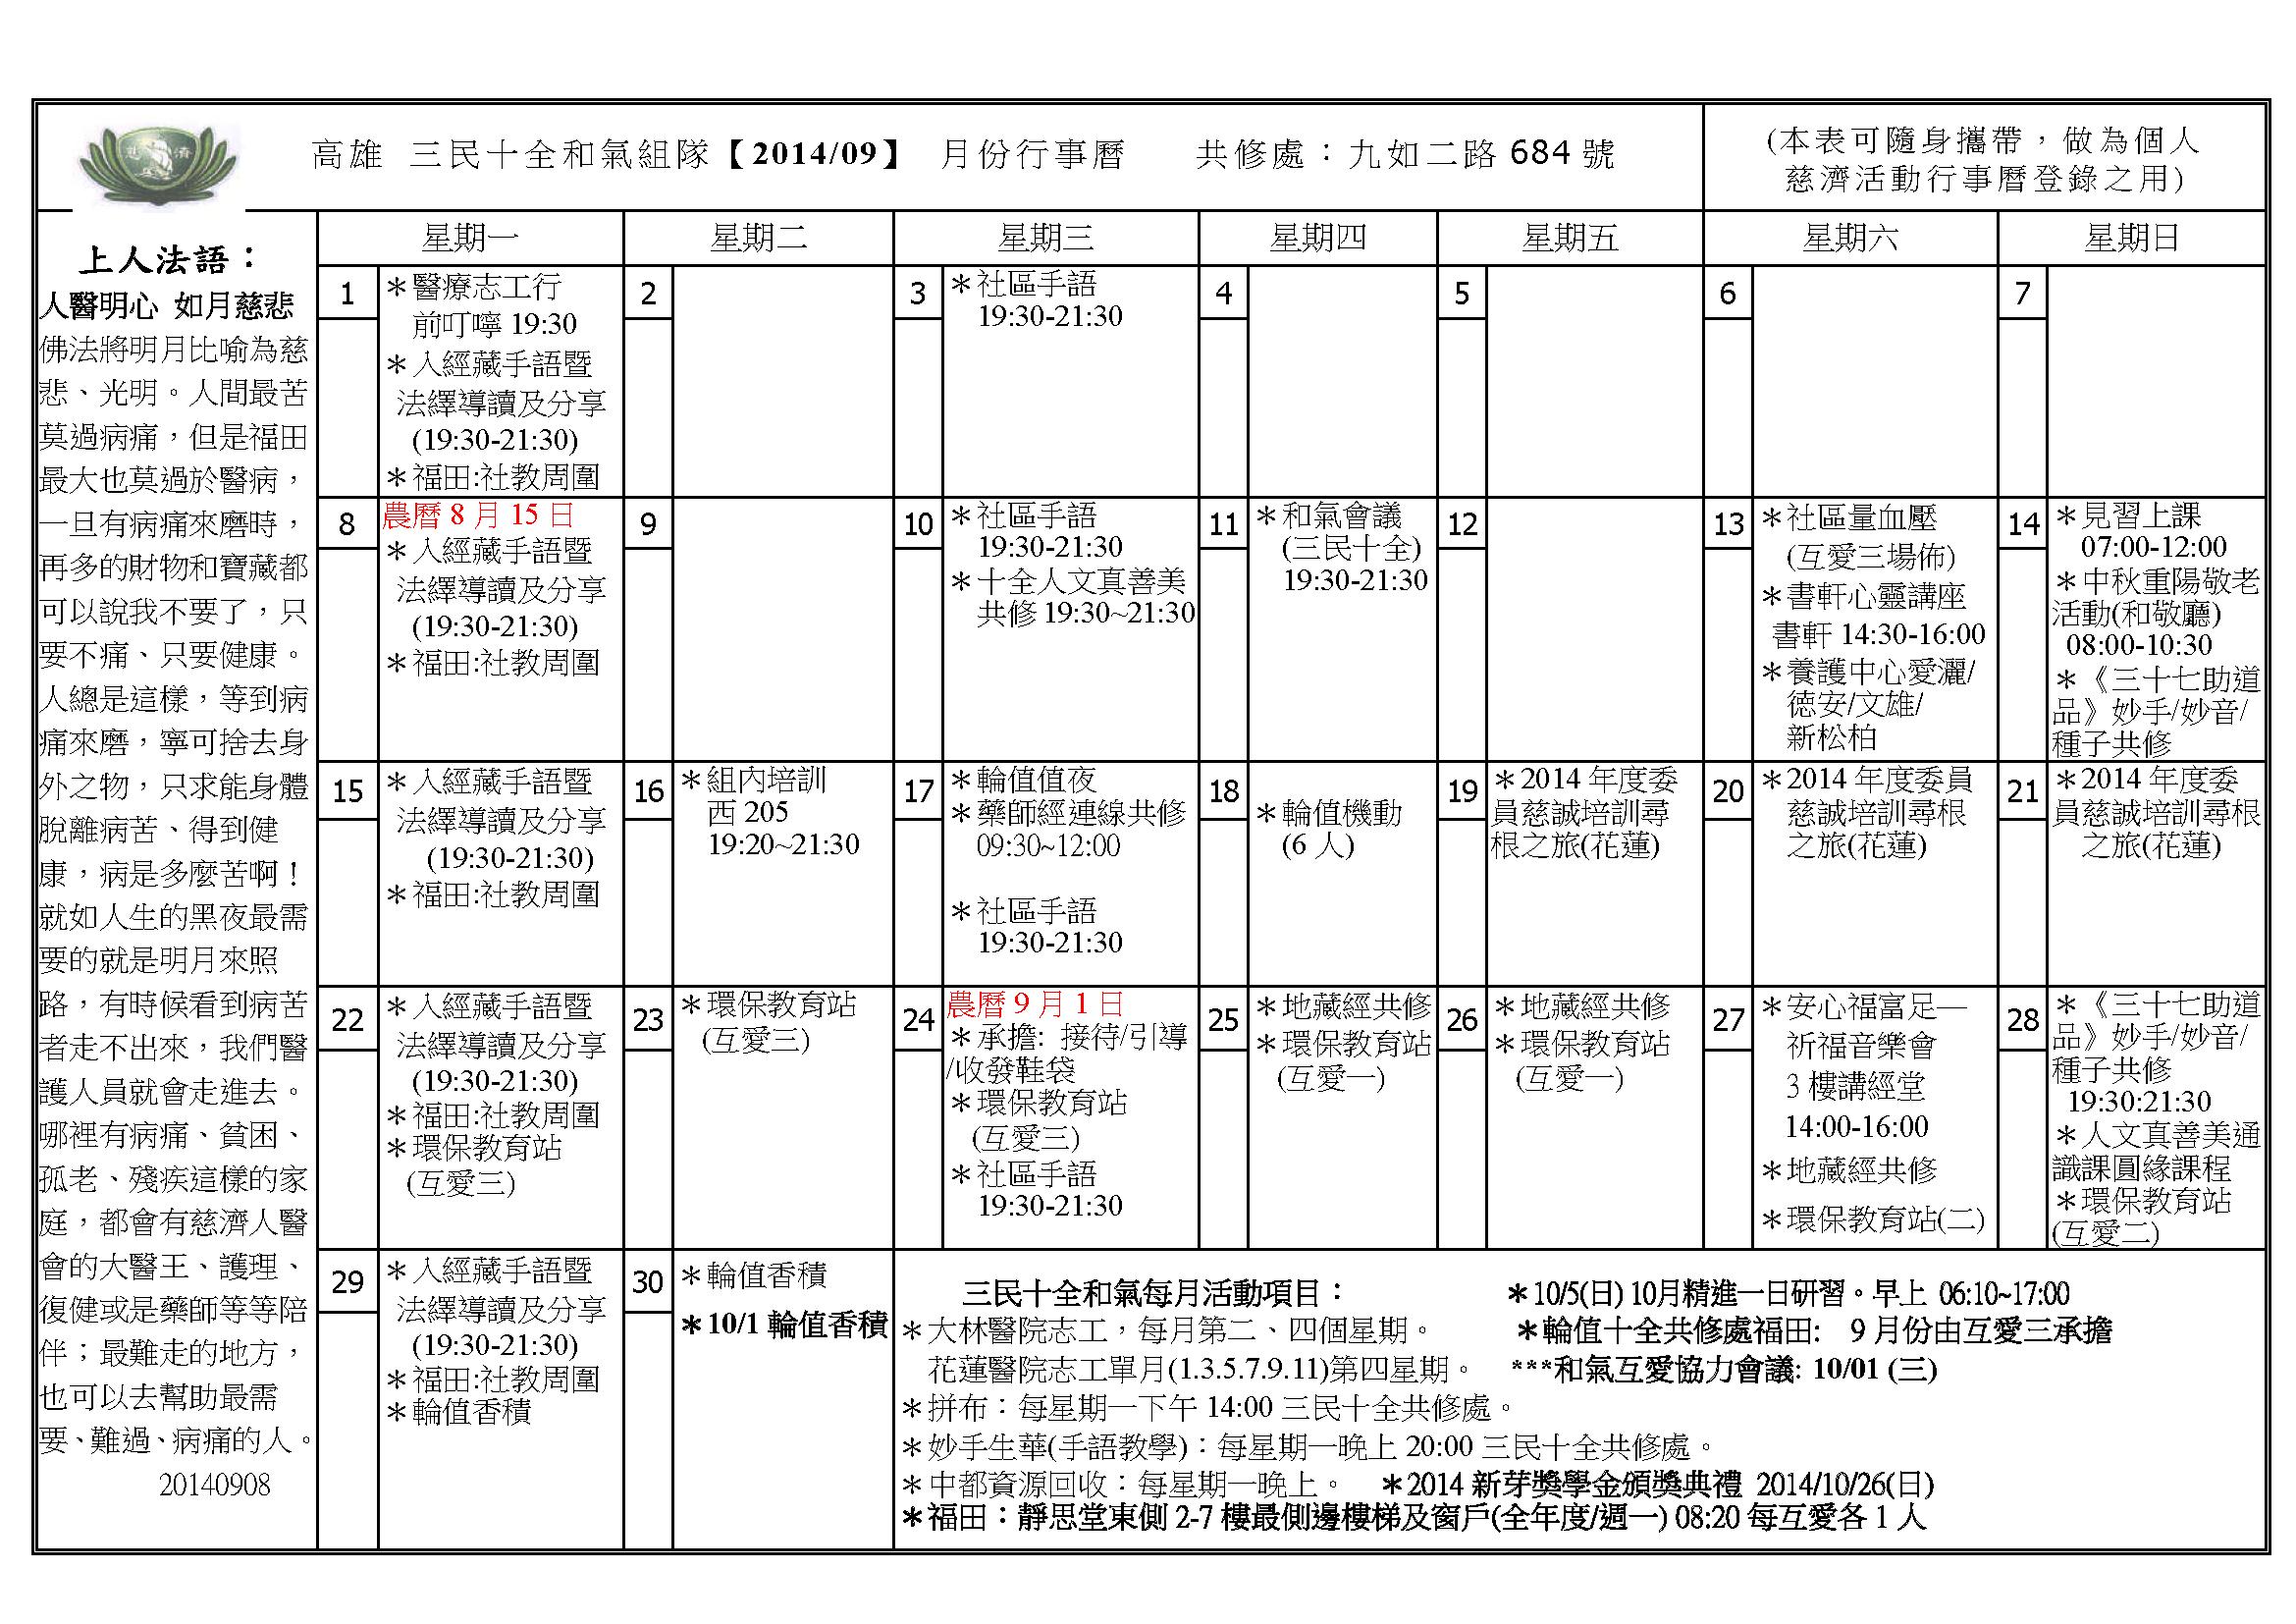 103年9月三民十全和氣互愛協力會議議程及行事曆_頁面_4.png